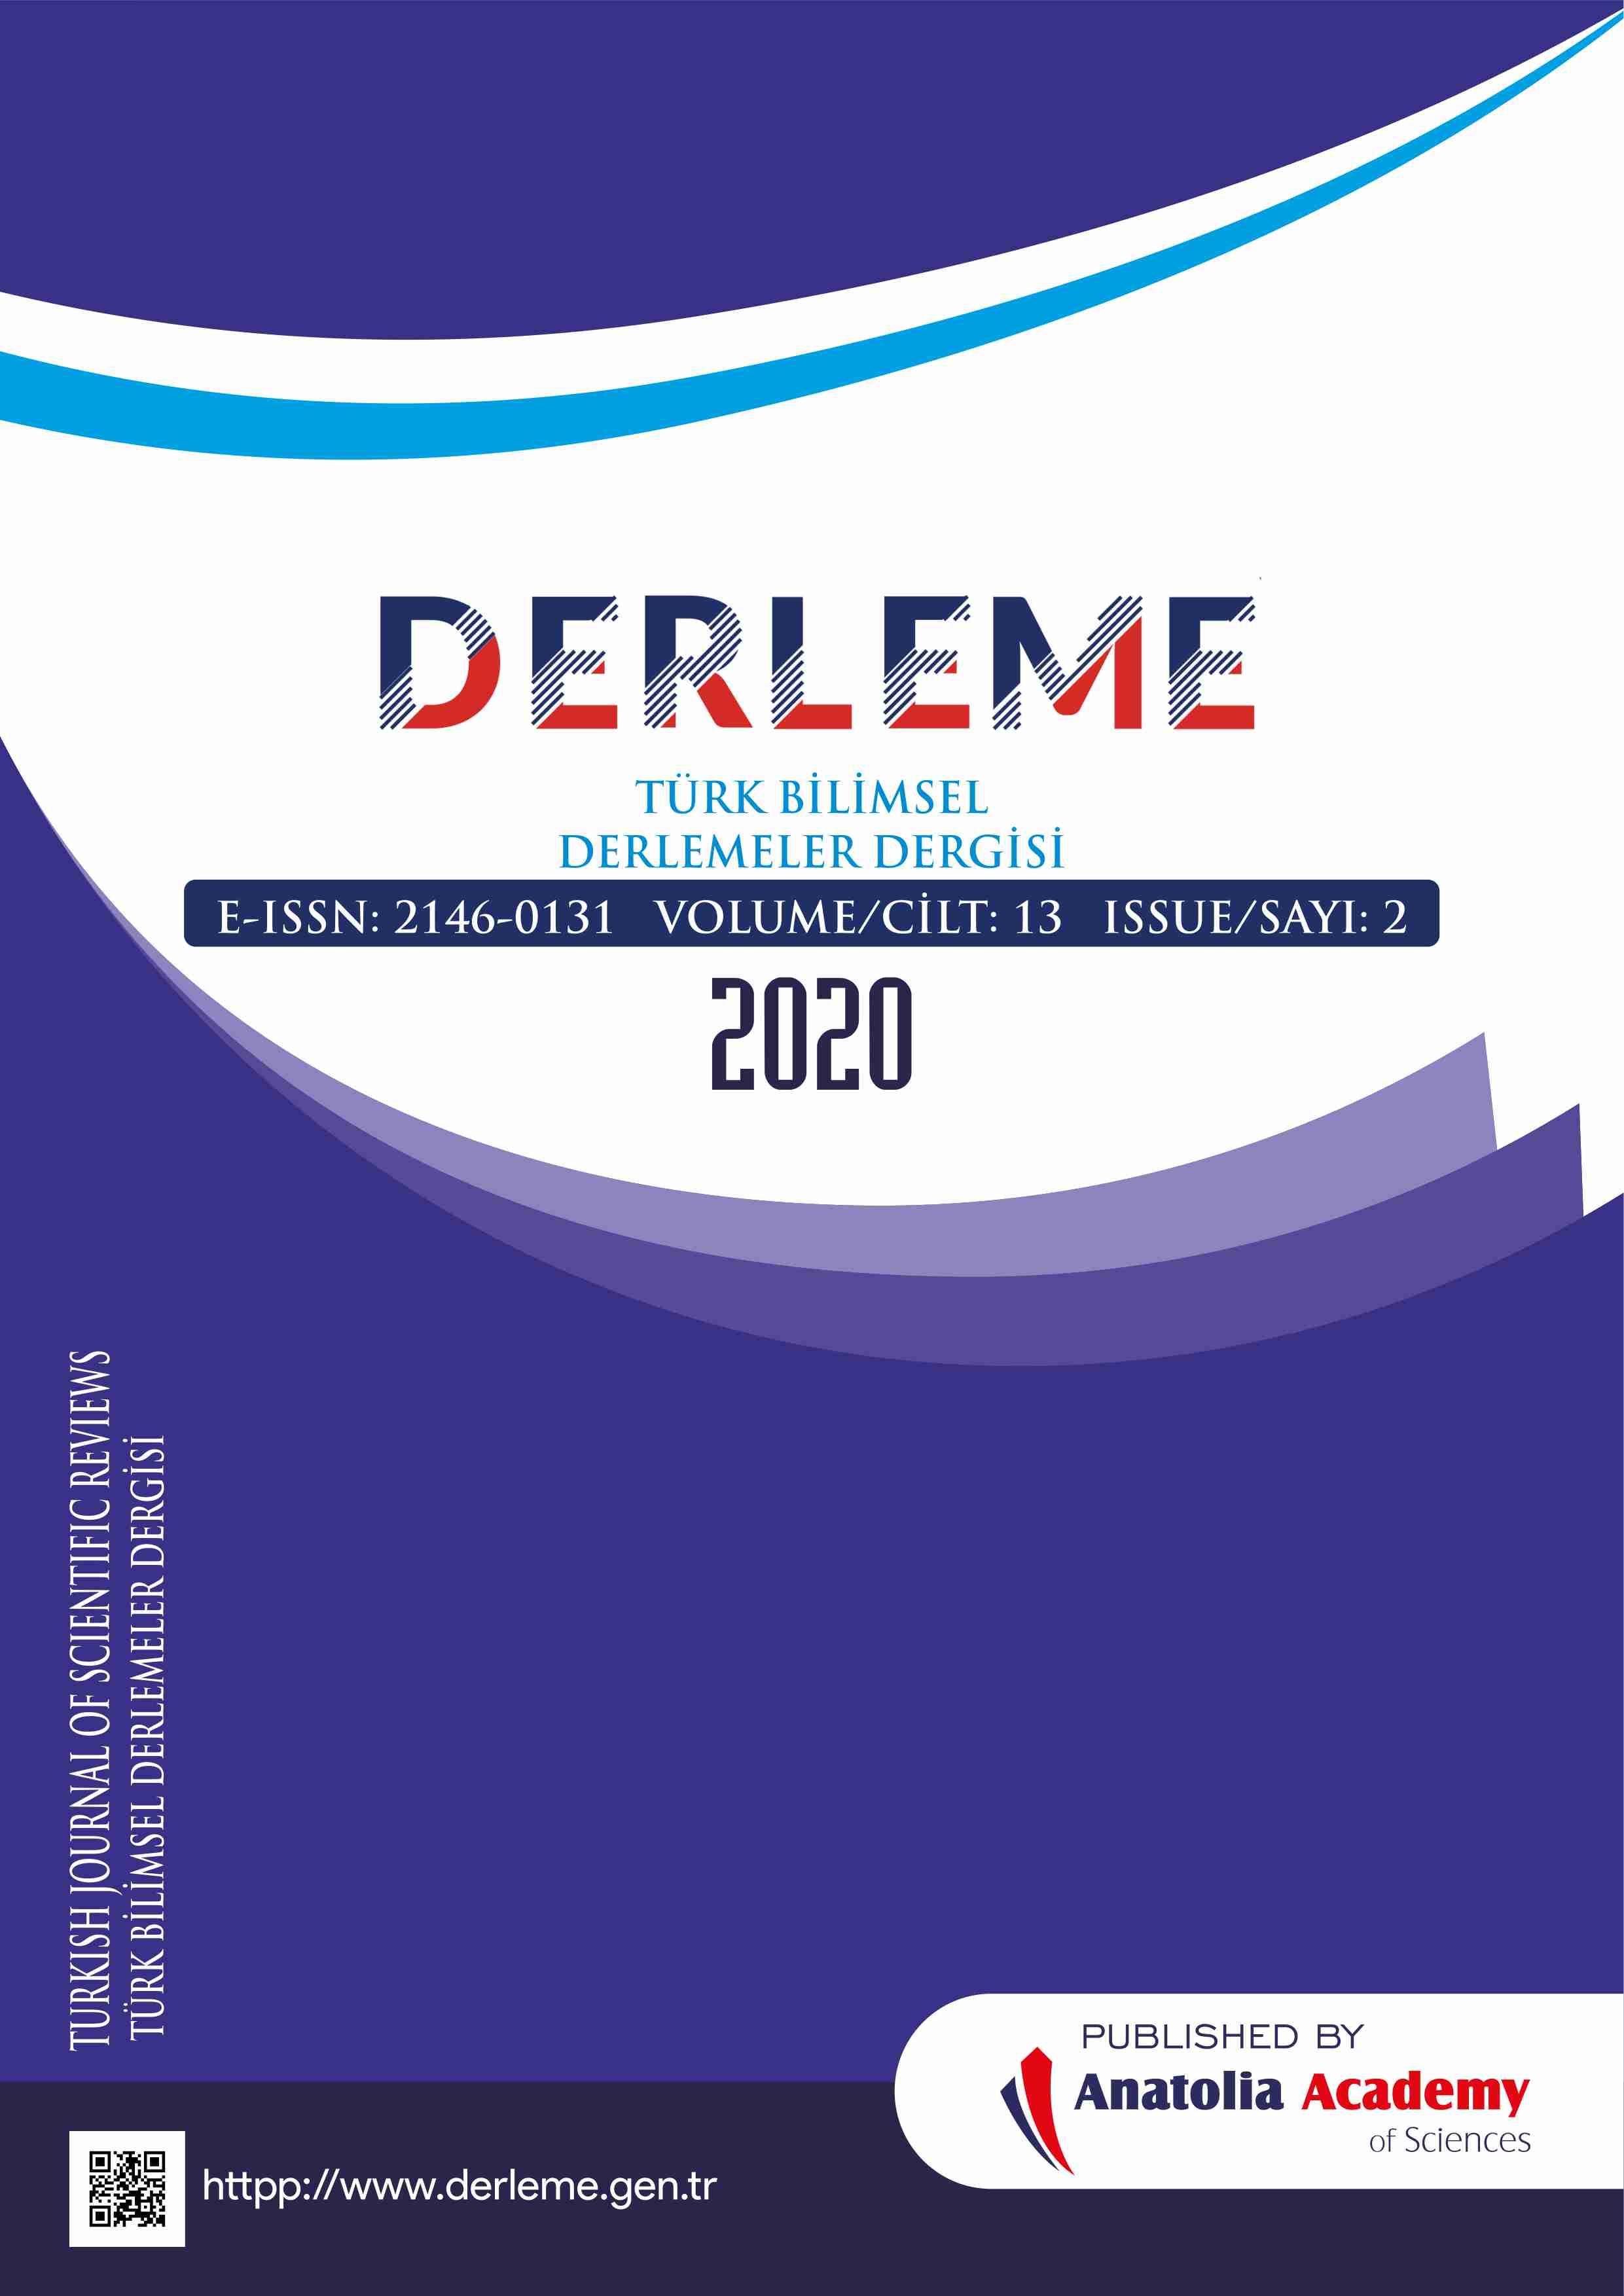 Türk Bilimsel Derlemeler Dergisi-Asos İndeks